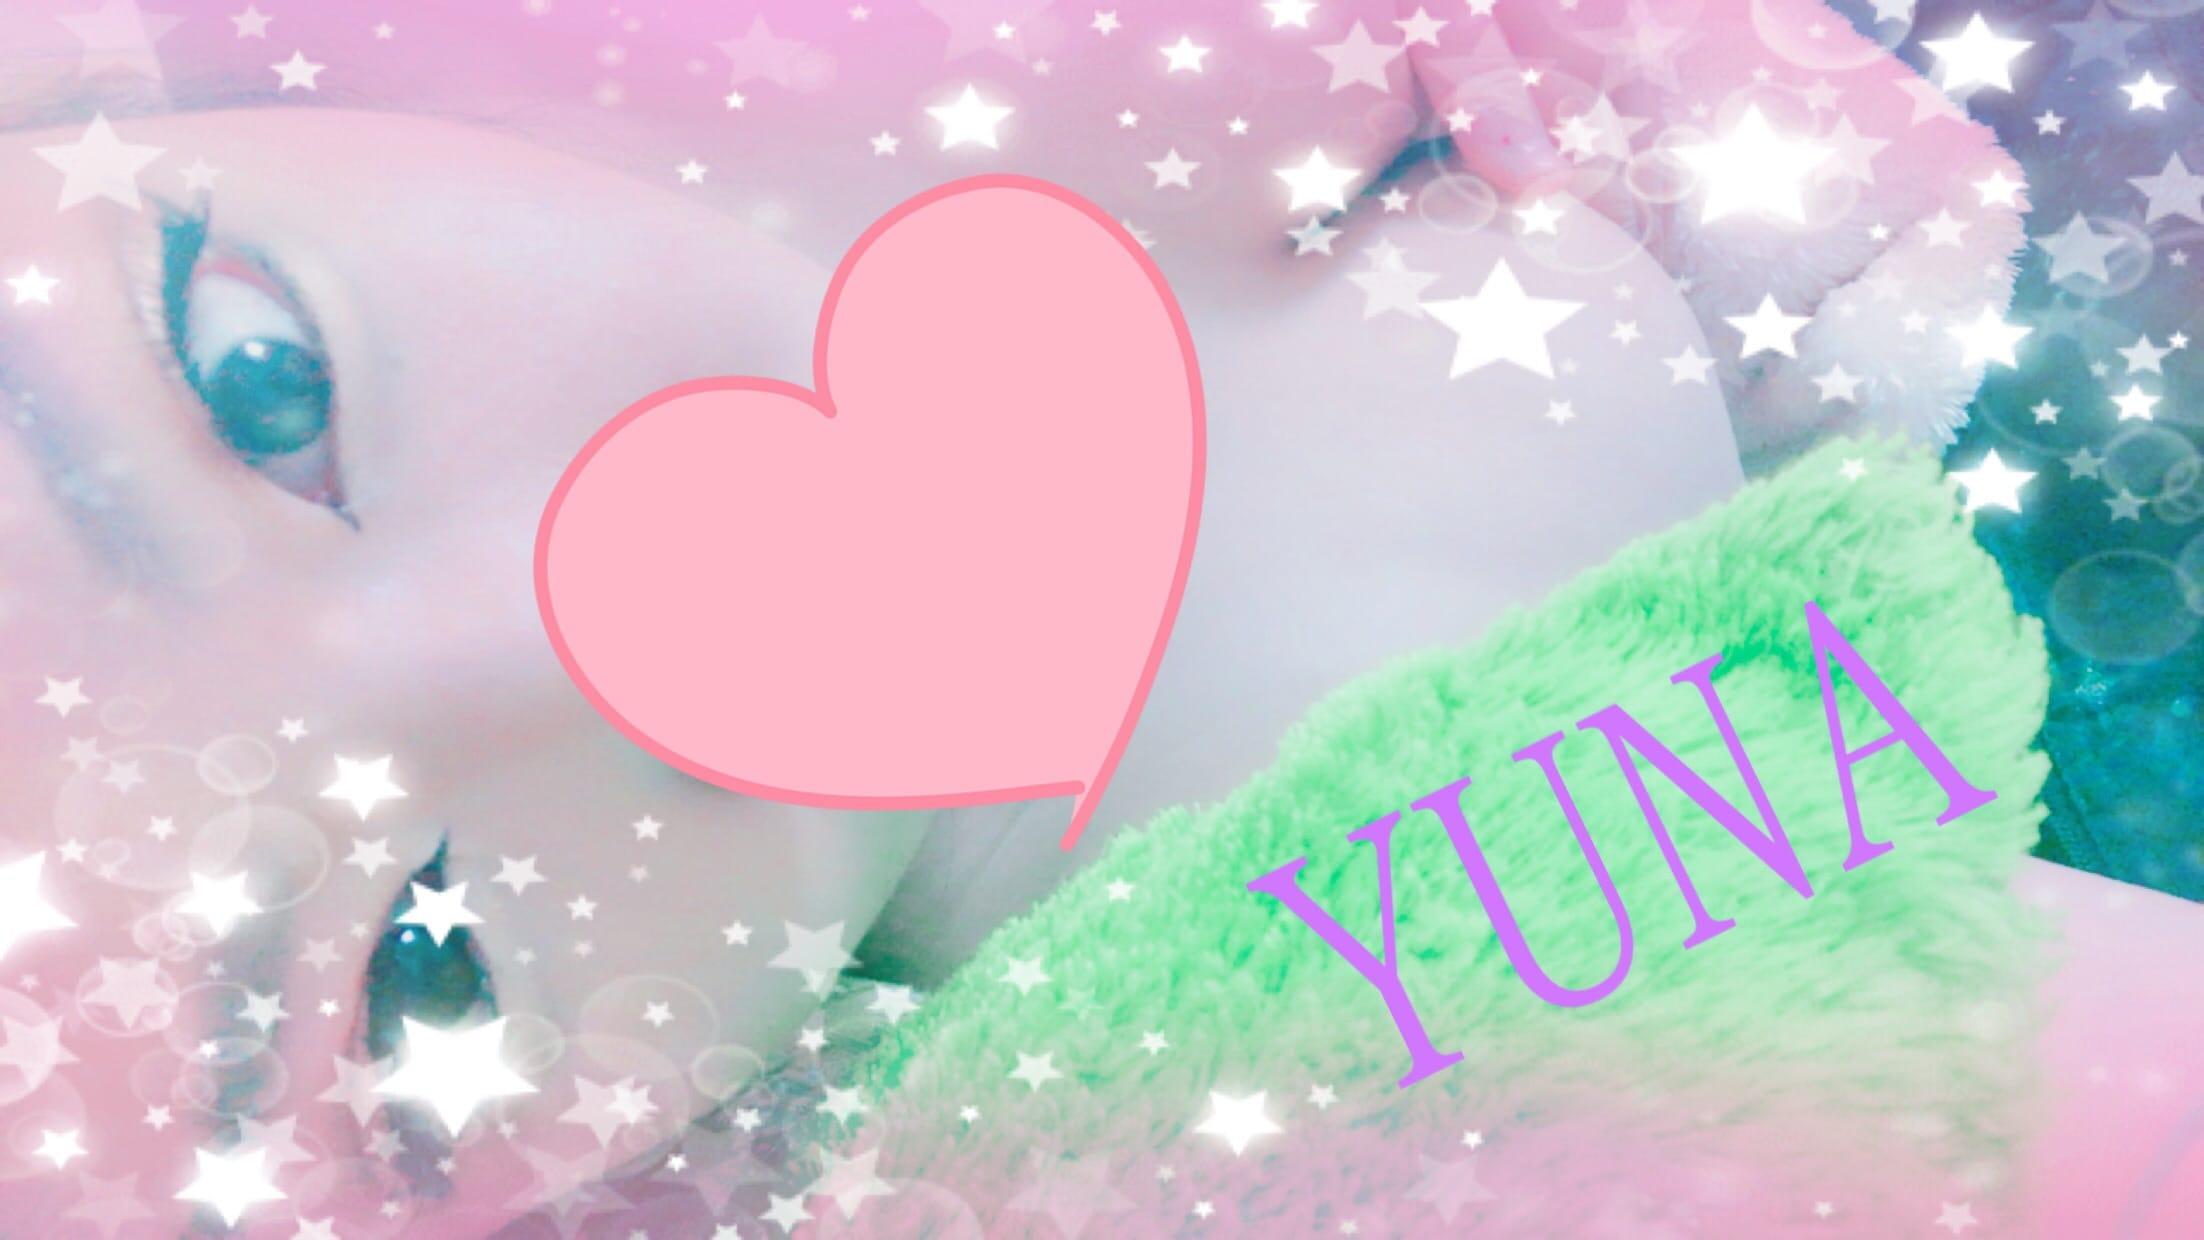 「久しぶりです♪」03/21(03/21) 17:26 | ゆなの写メ・風俗動画